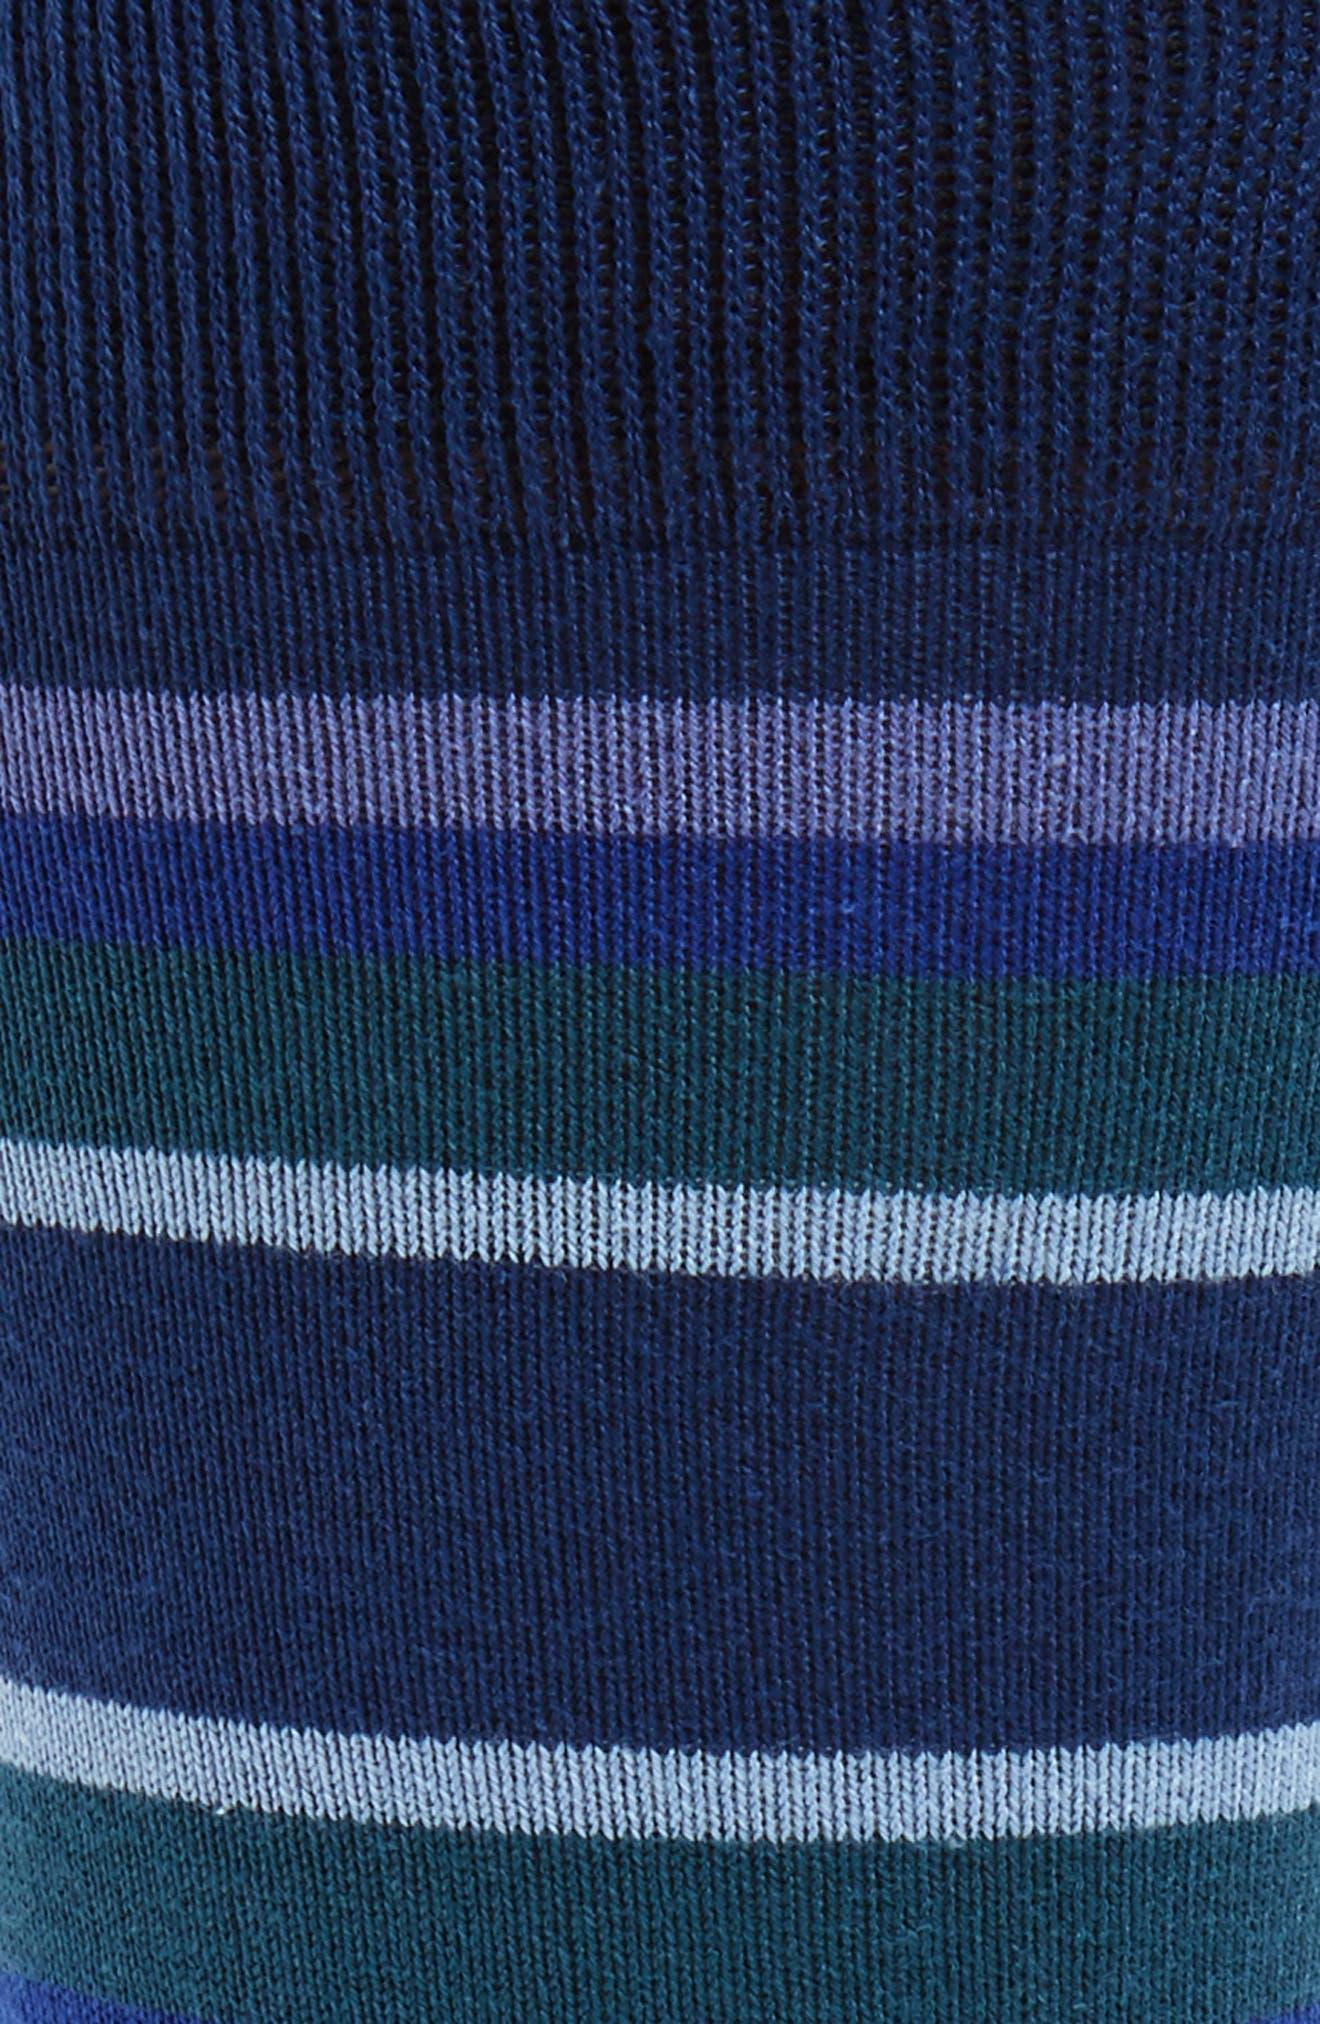 Alternate Image 2  - Paul Smith Lawn Stripe Socks